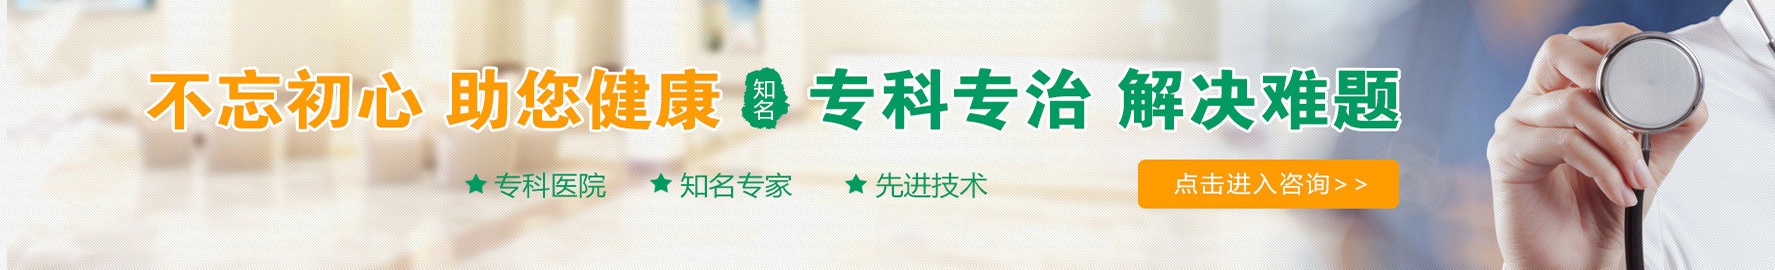 广州男科专科医院